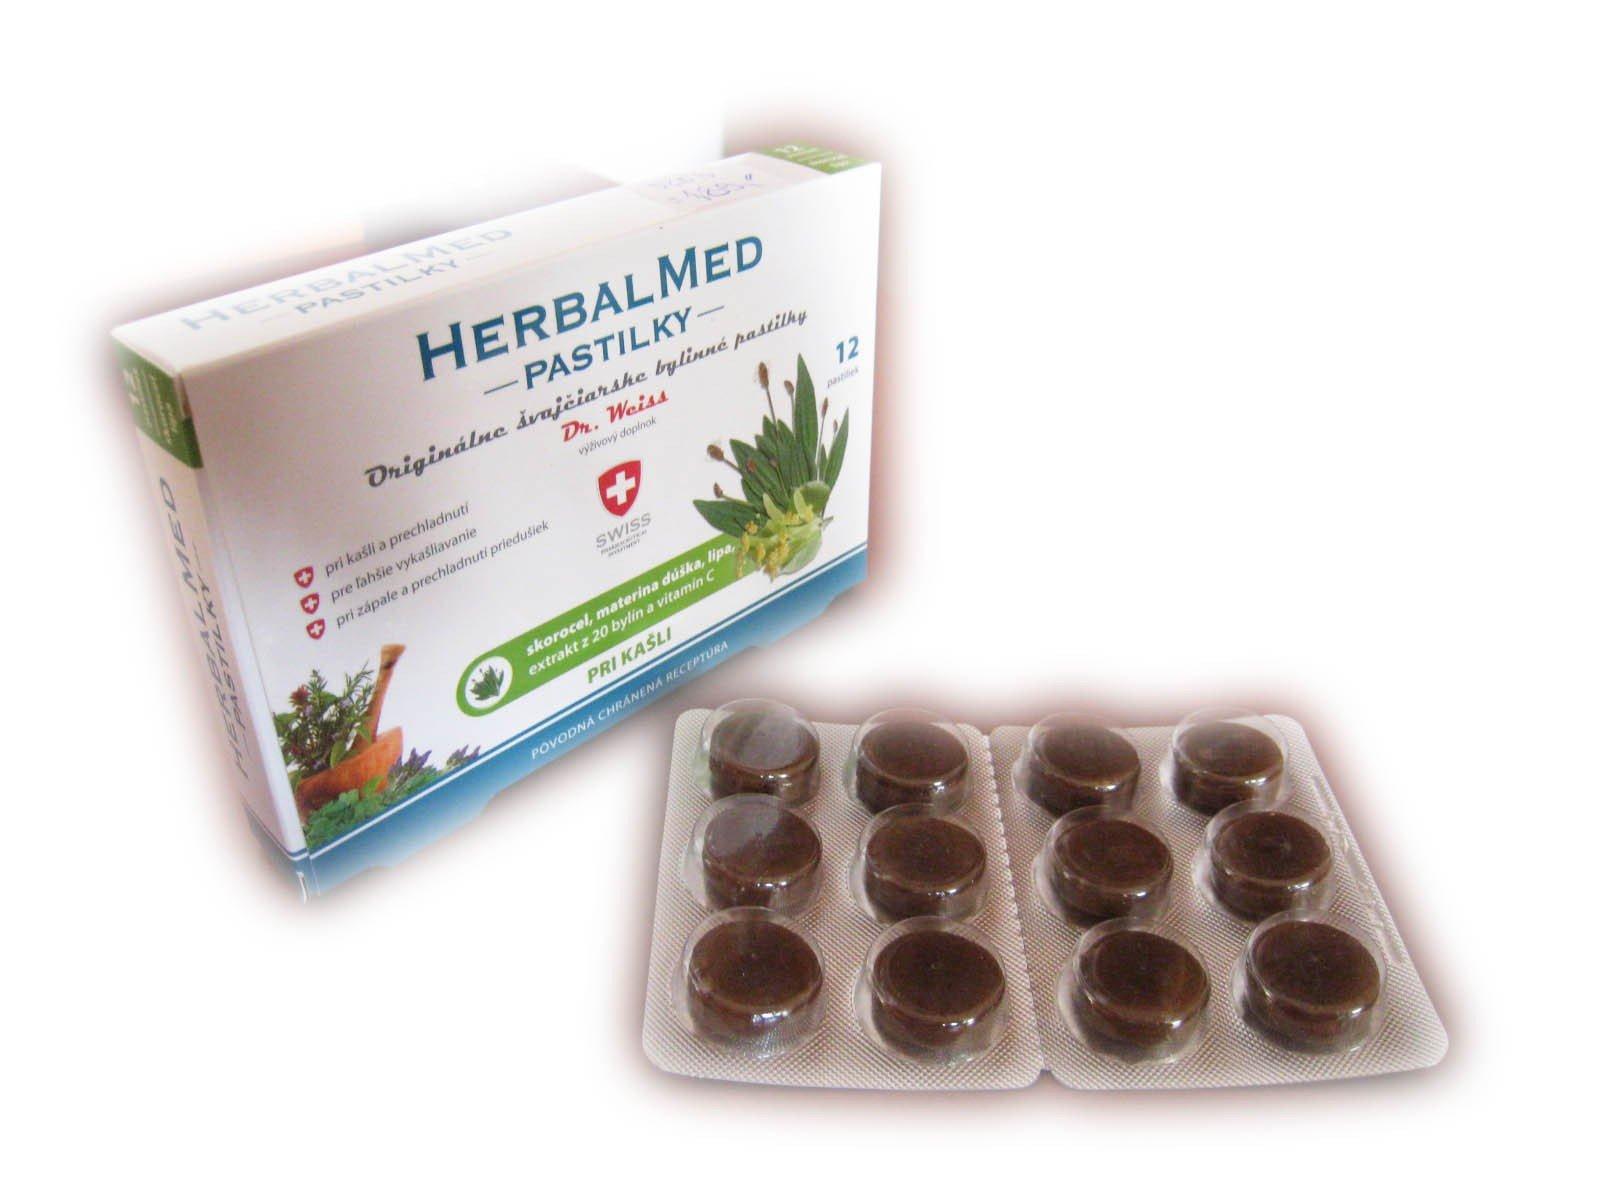 Swiss HerbalMed pastilky pri kašli 12 pastiliek